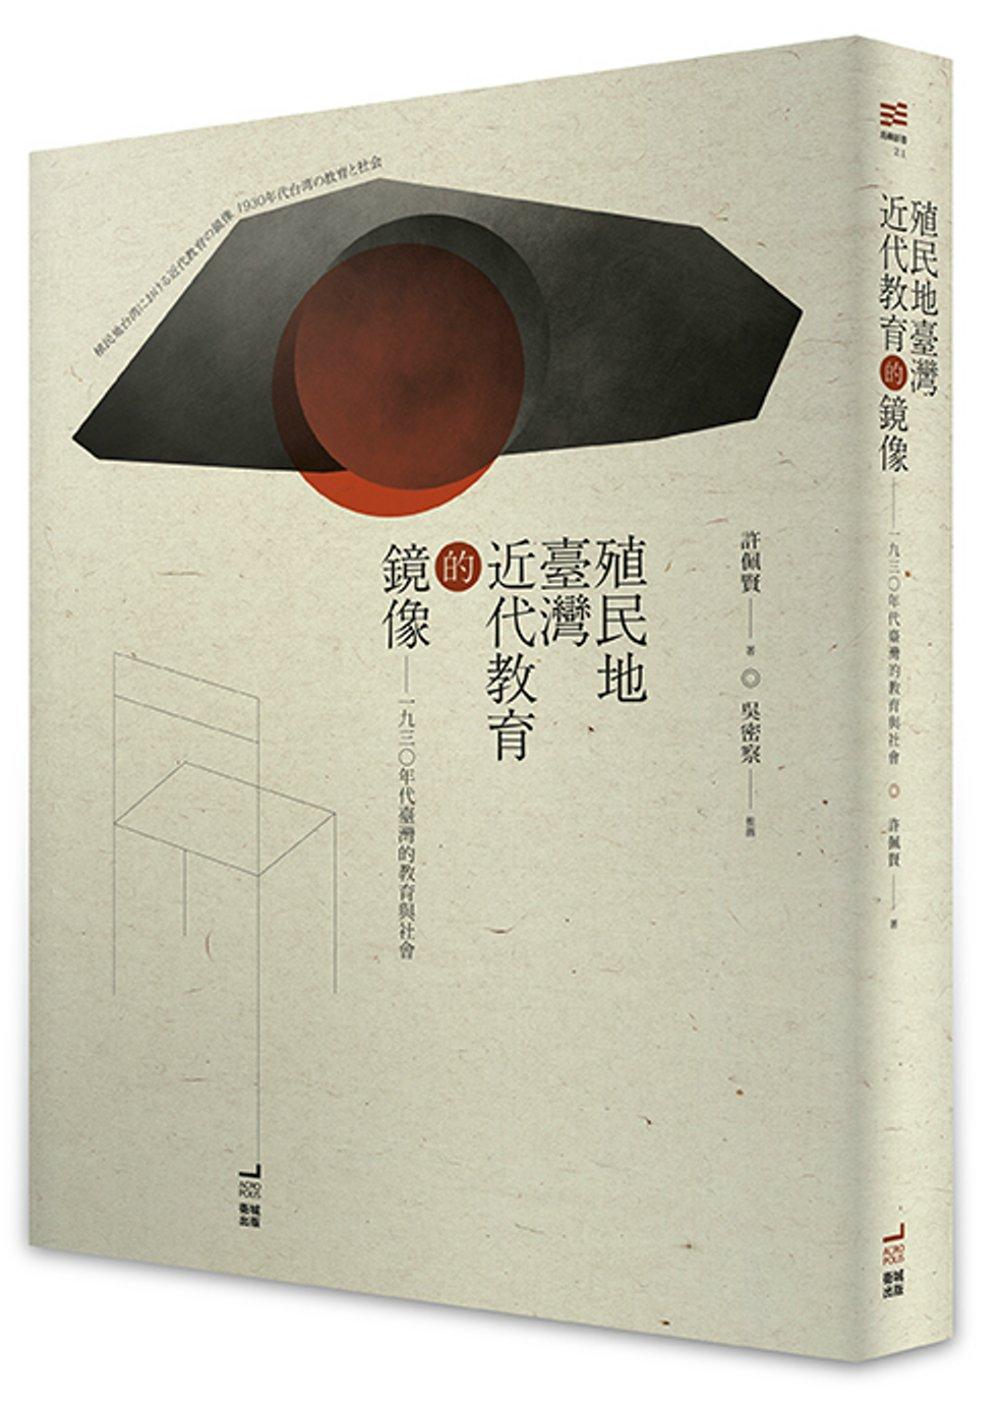 殖民地臺灣近代教育的鏡像:一九三○年代臺灣的教育與社會